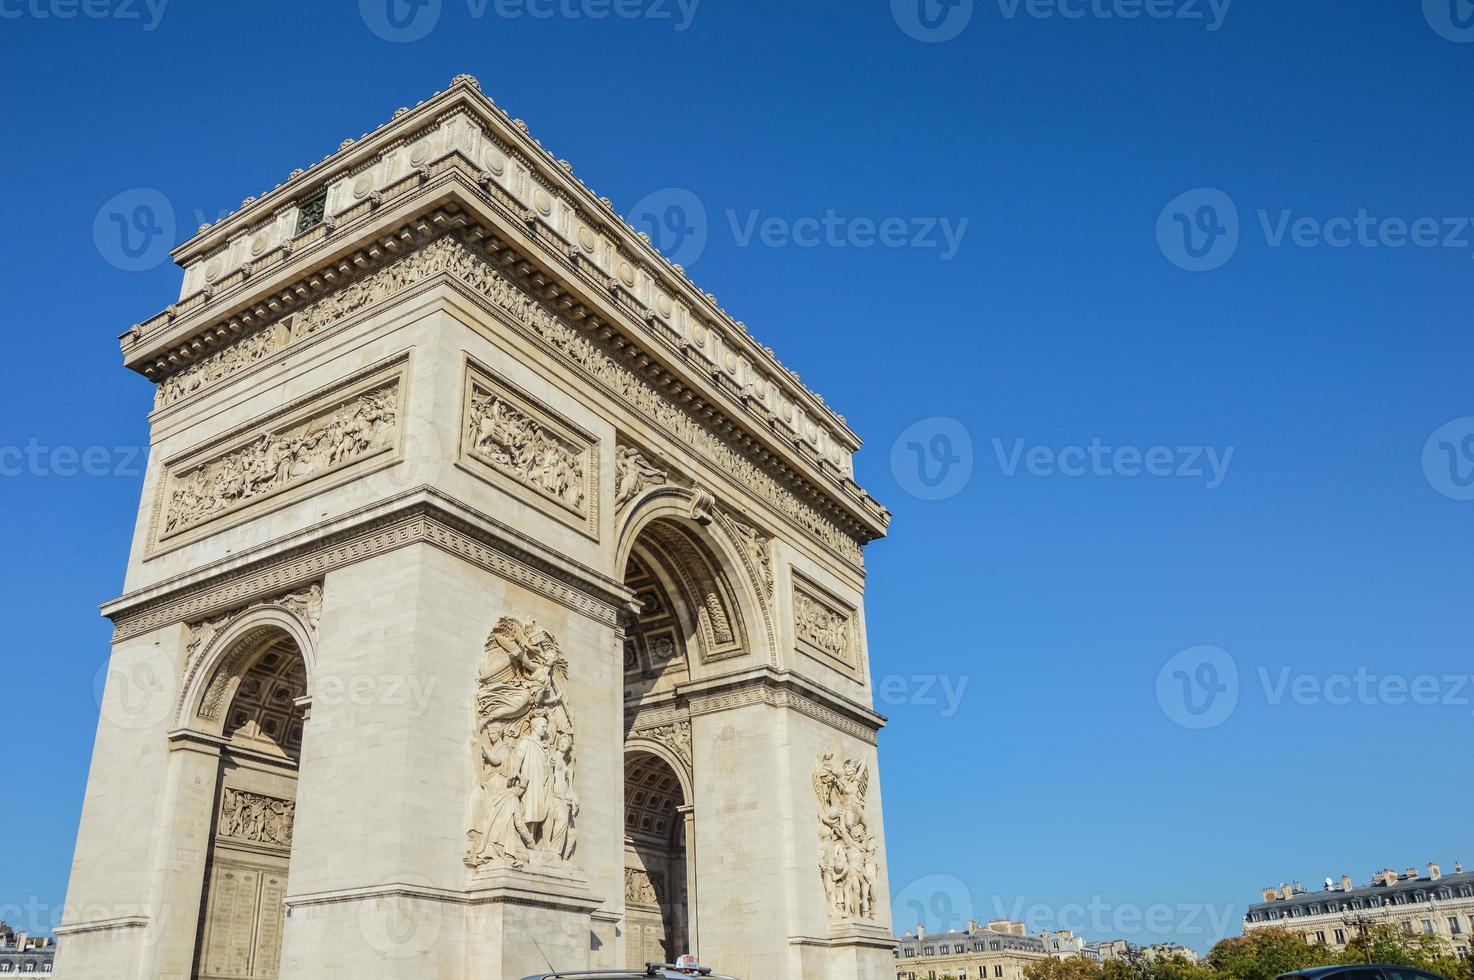 Arc de Triomphe monument in Paris France photo